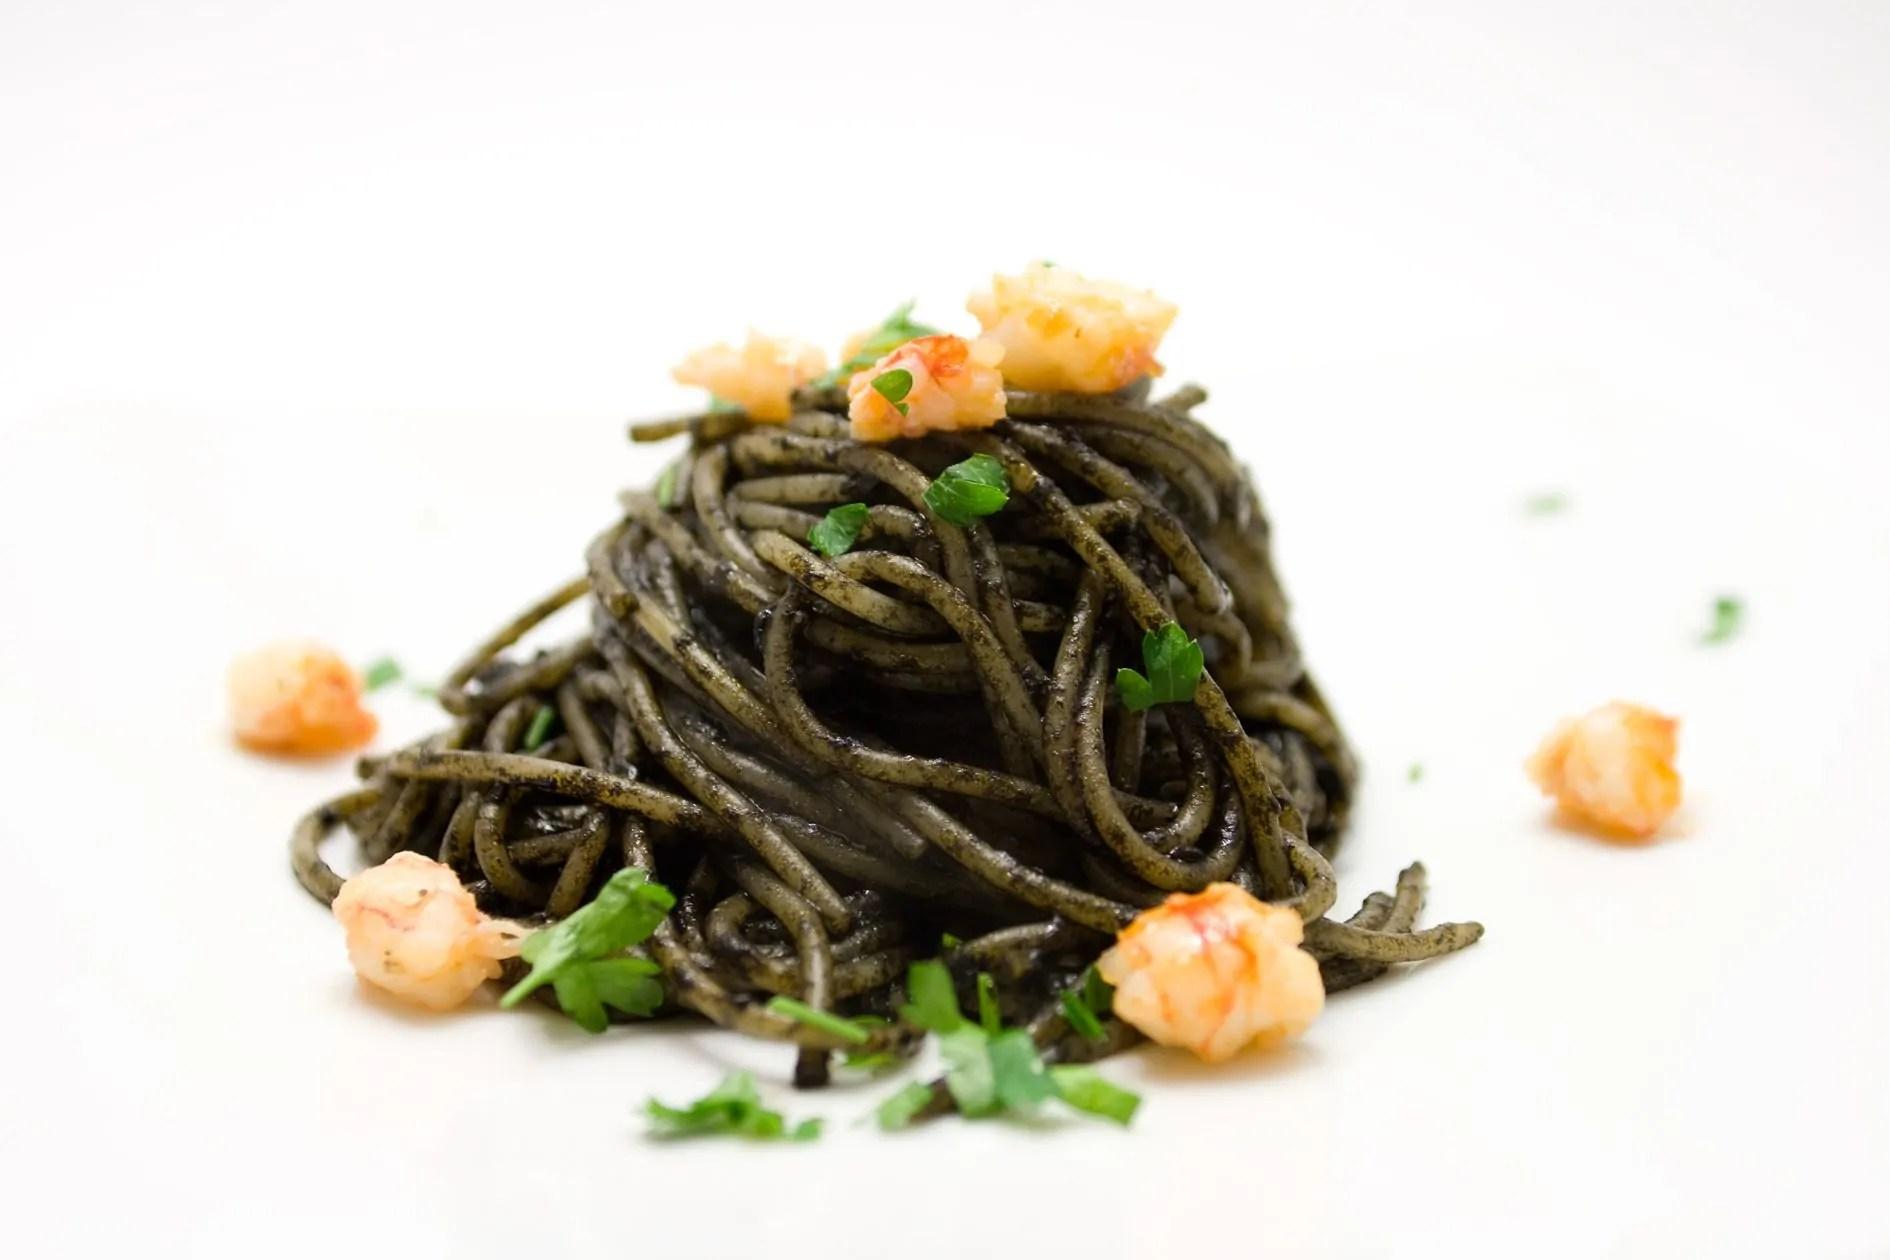 Gli spaghetti al nero di Seppia